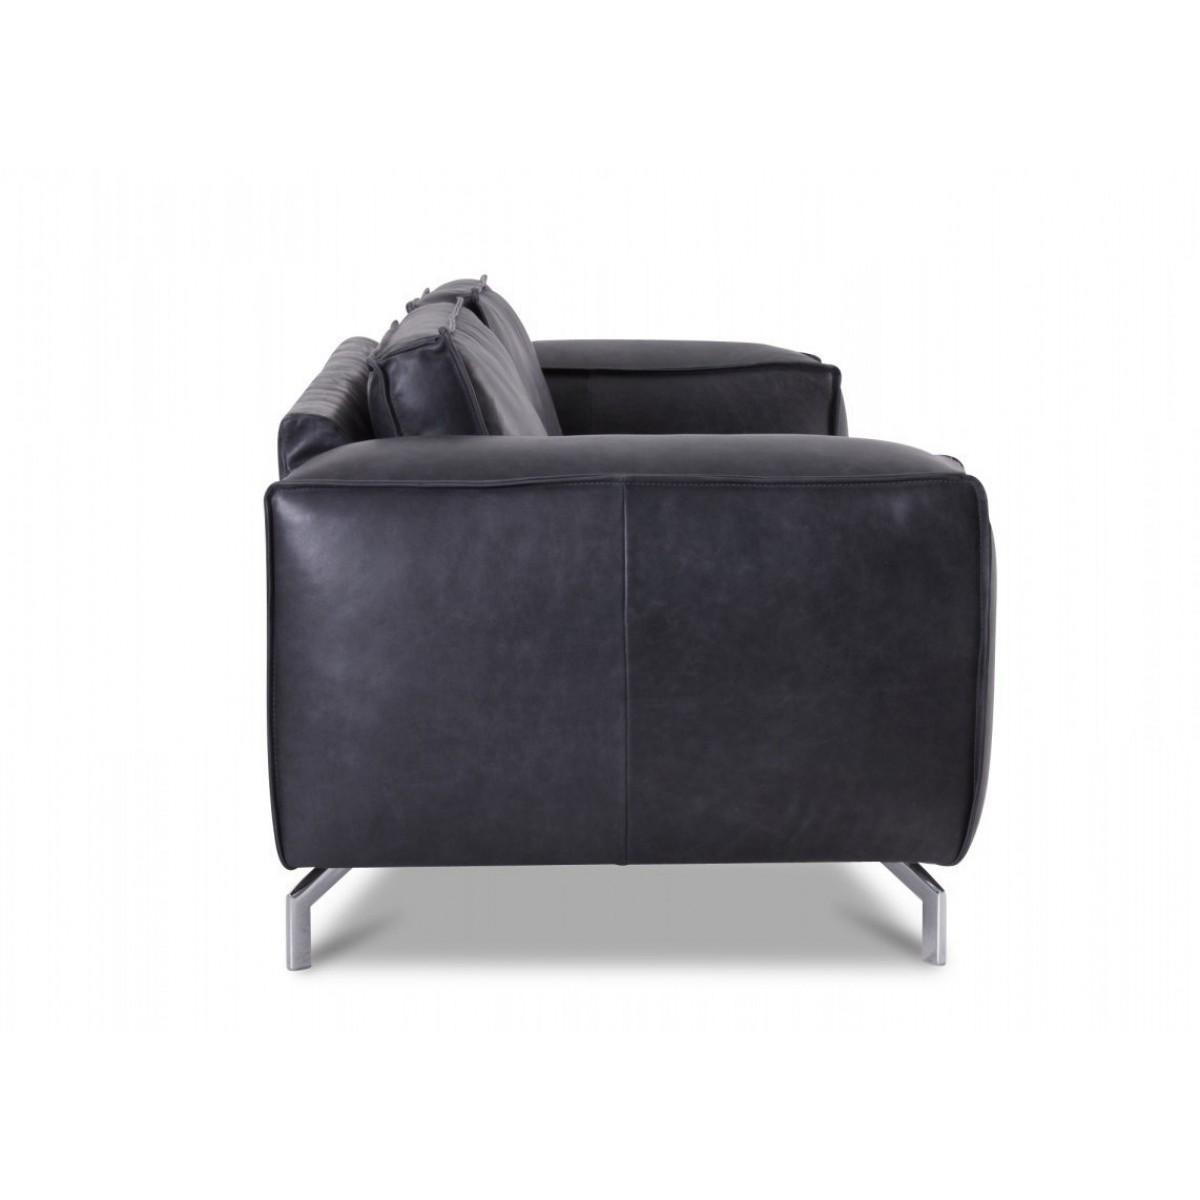 velasco-valerio-design-sofa-leer-leder-dasilva-antracite